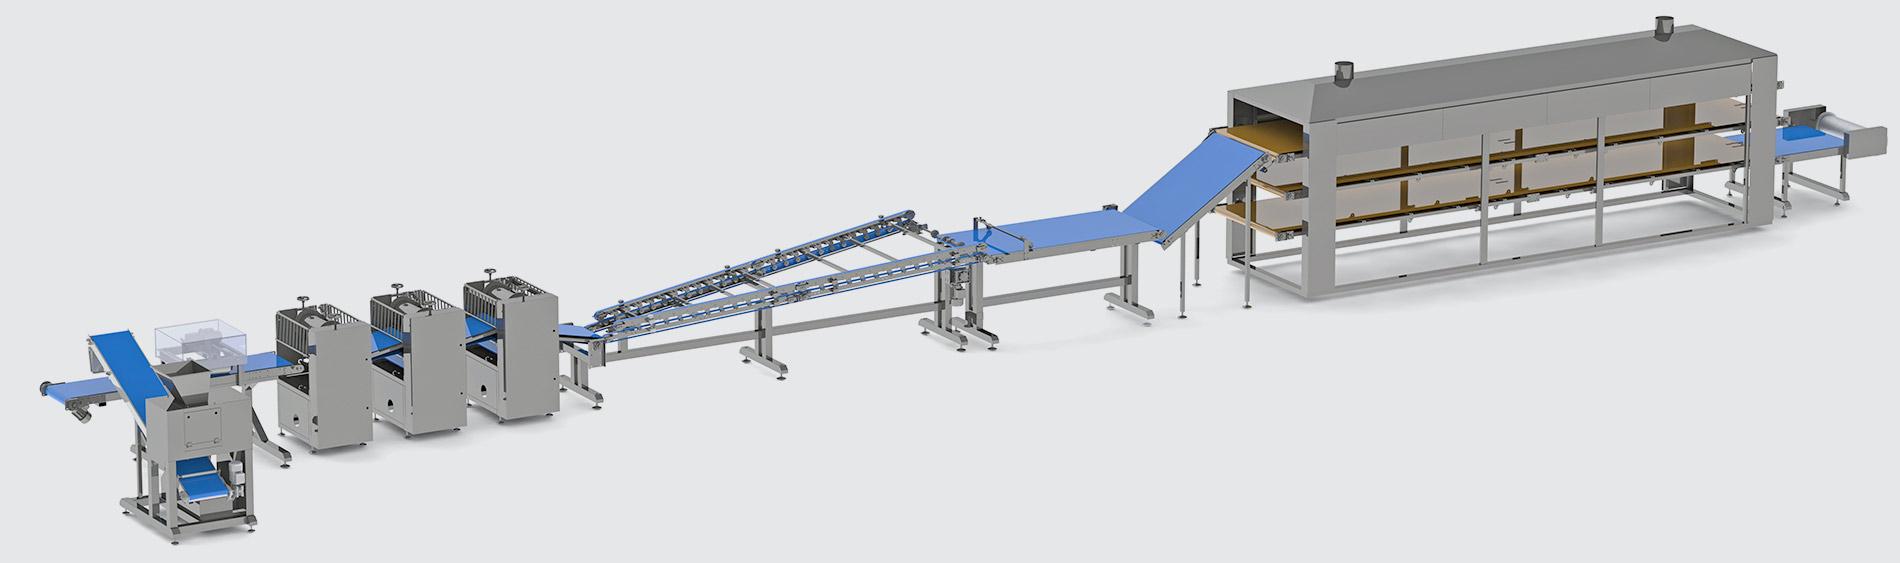 Automatic line for filo dough production - foto №3